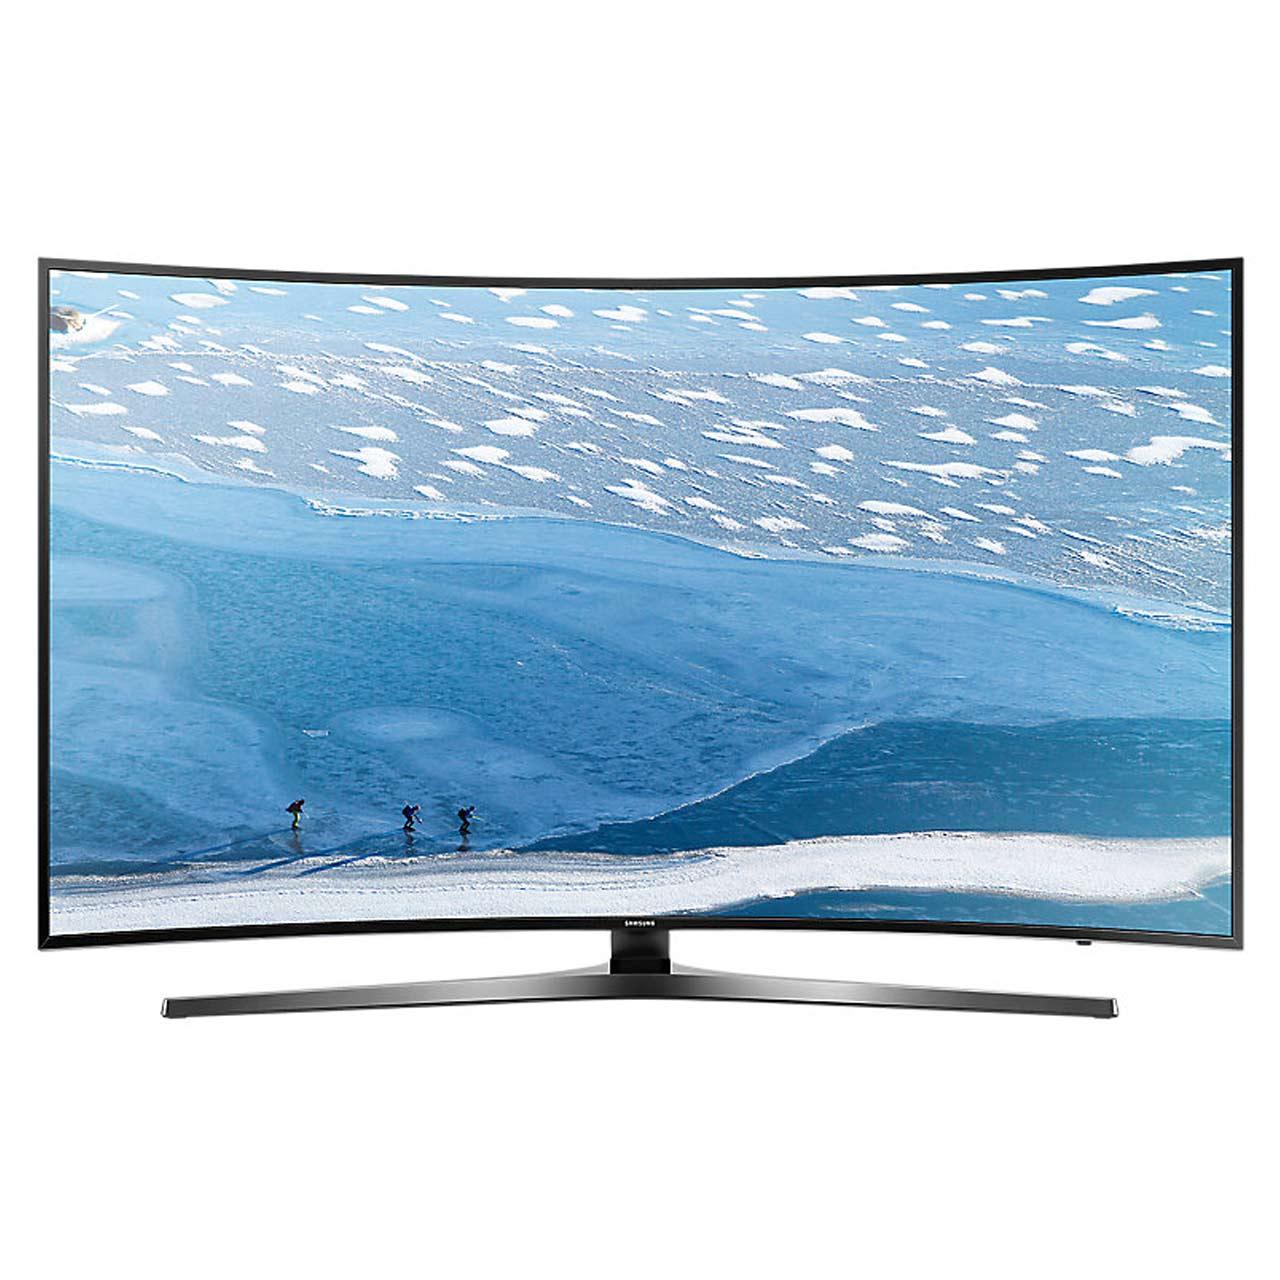 تلویزیون ال ای دی هوشمند خمیده سامسونگ مدل 48KSC9990 سایز 48 اینچ